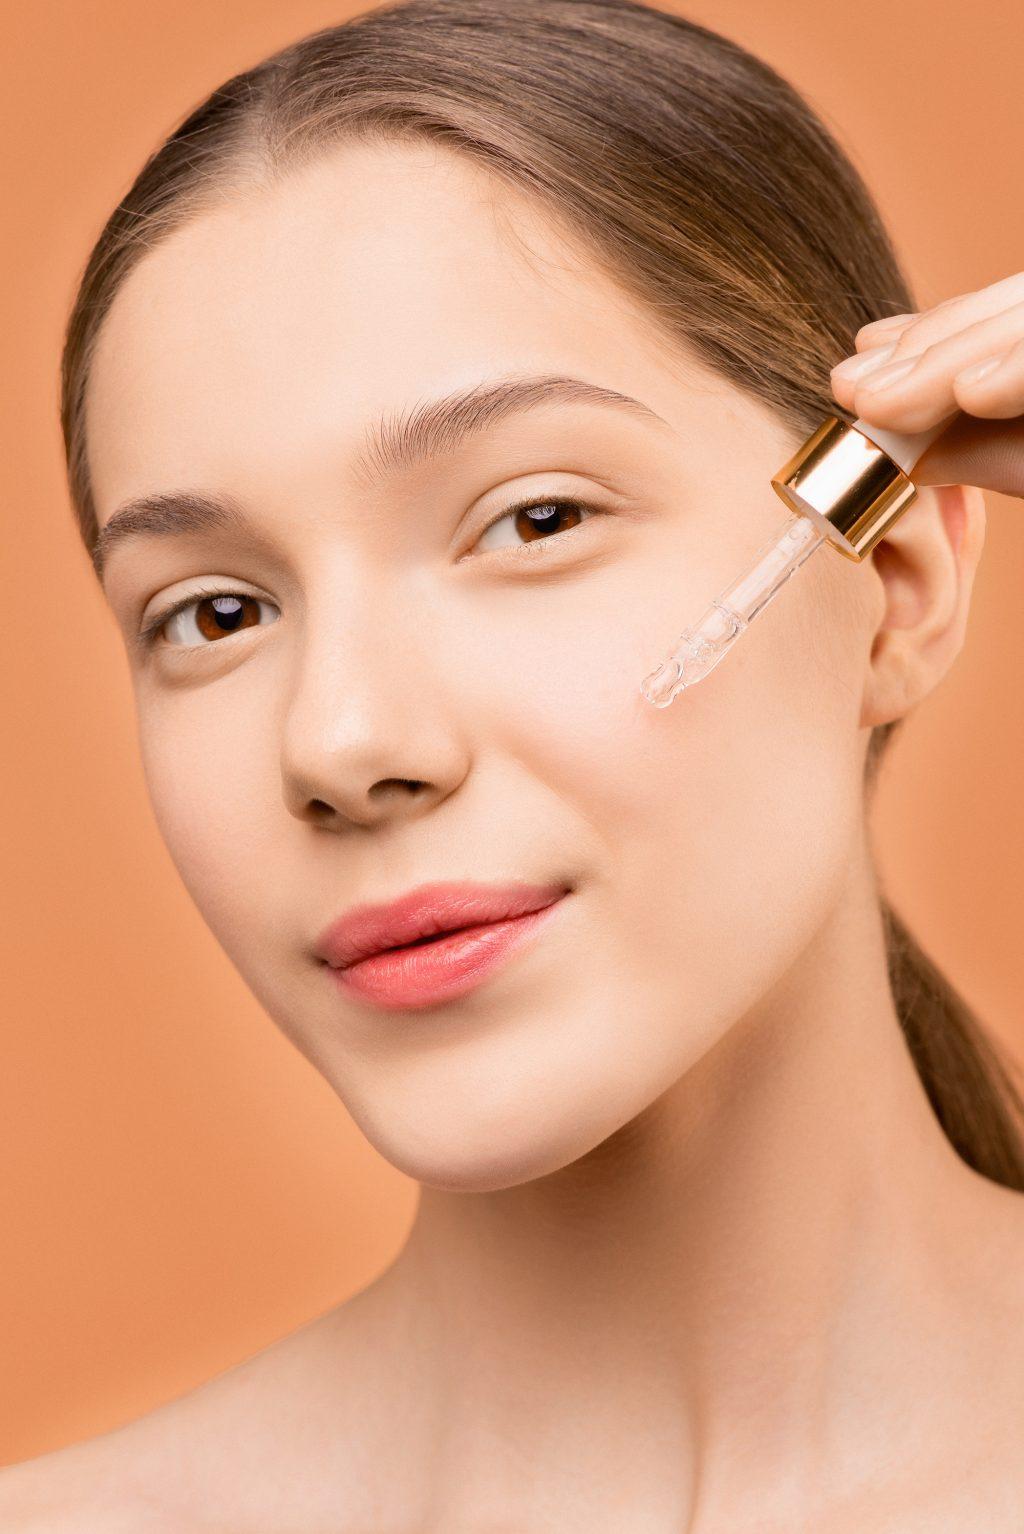 Lợi ích của hyaluronic acid trên da và cơ thể